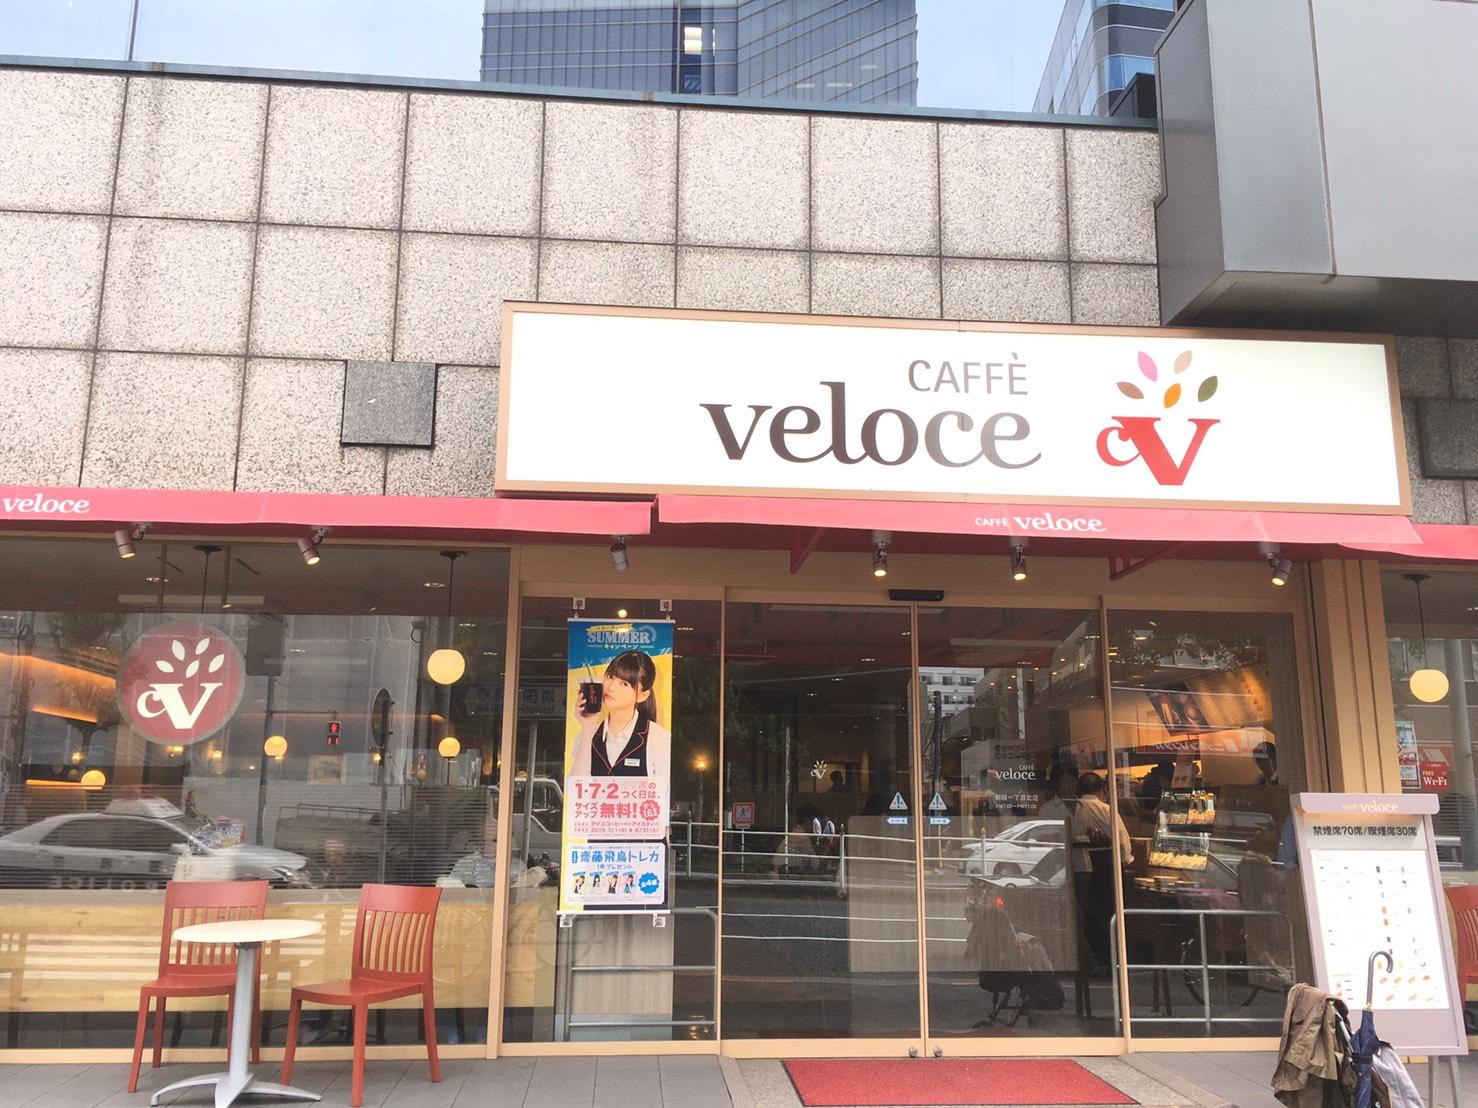 I went to Nivelo. At Shinjuku Ni-Chome 【Tokyo, Japan】